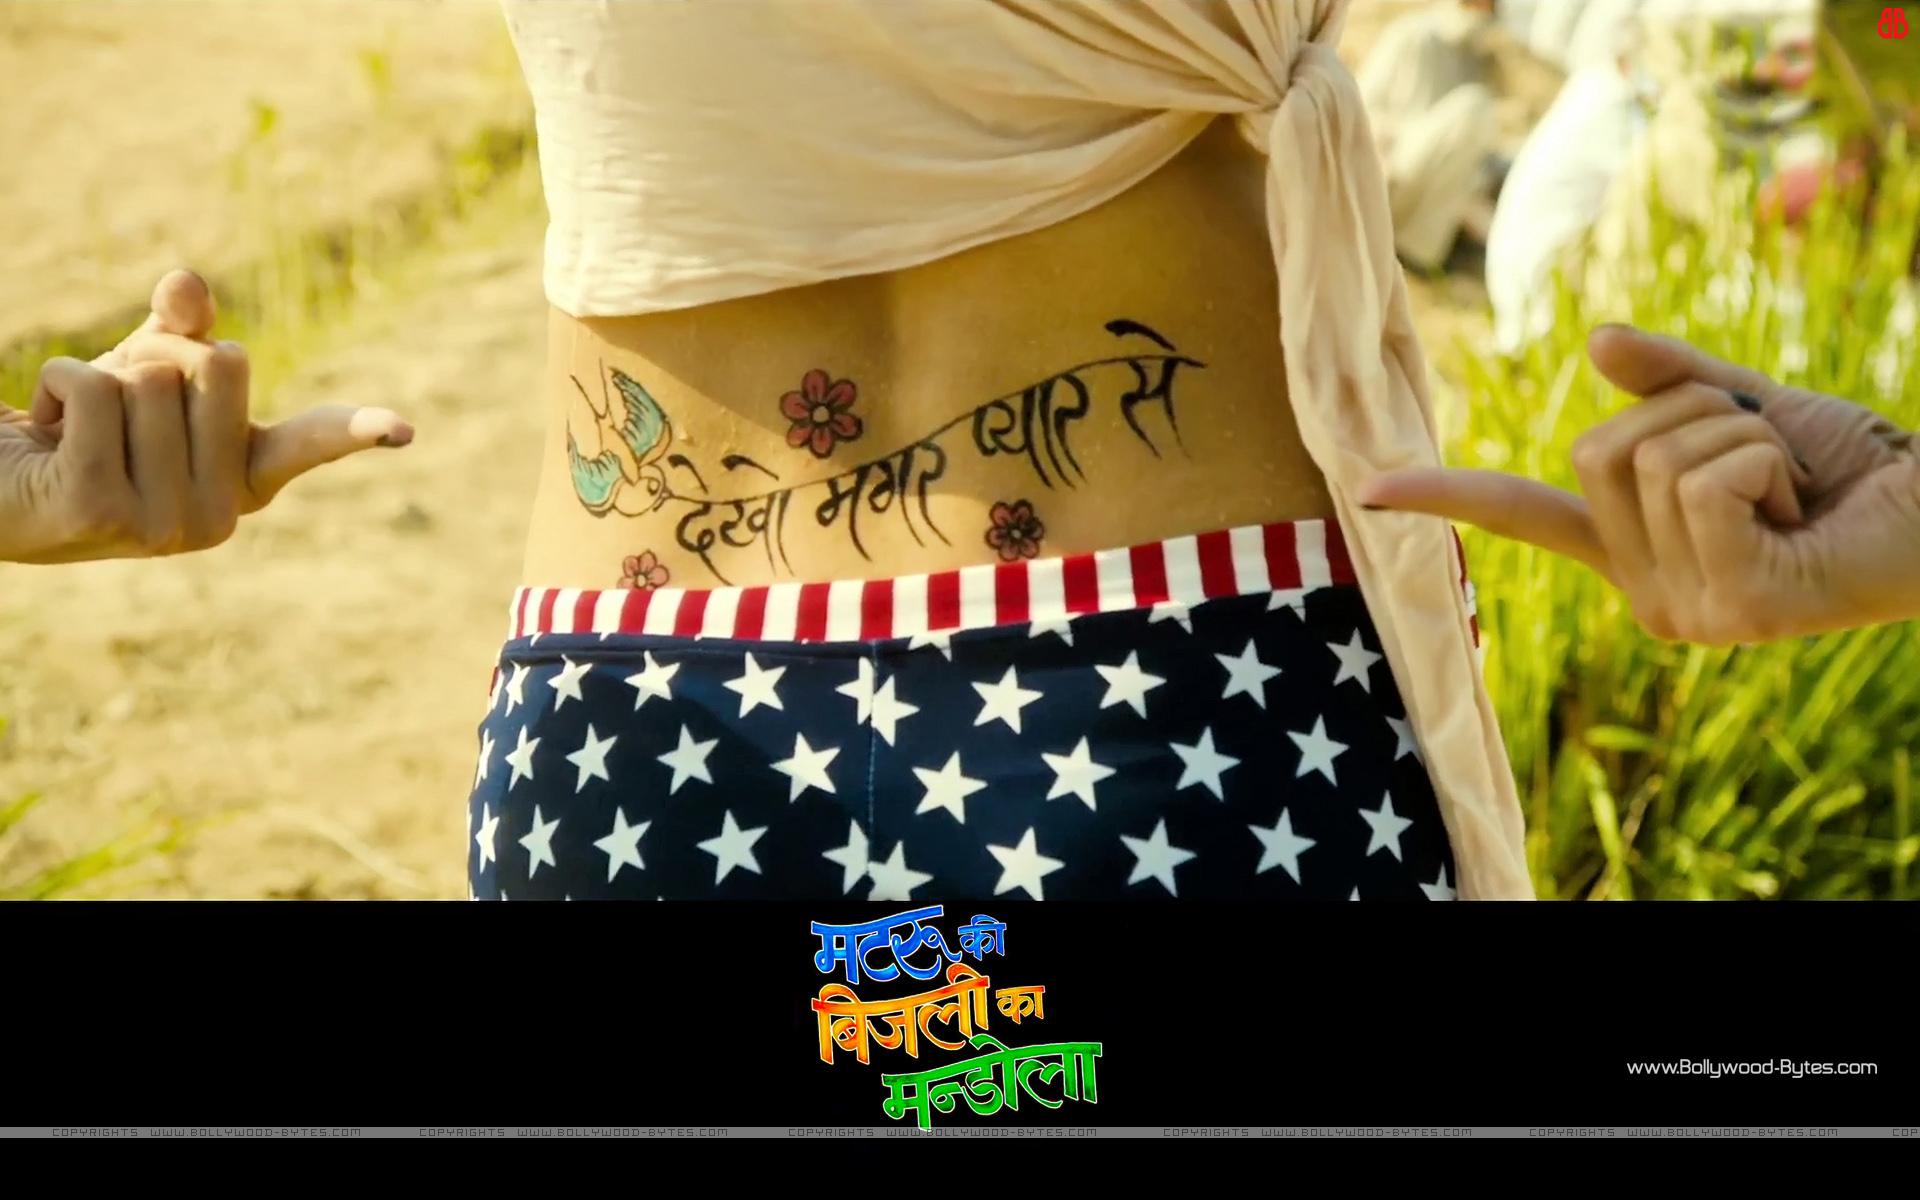 http://1.bp.blogspot.com/-6G9f7Hqrb-c/UH2kEDJ8jjI/AAAAAAAAScY/cLLLxnXI6ig/s1920/Matru-ki-Bijlee-ka-Mandola-%20Hot-Anushka-Sharma-HD-Wallpaper-01.jpg